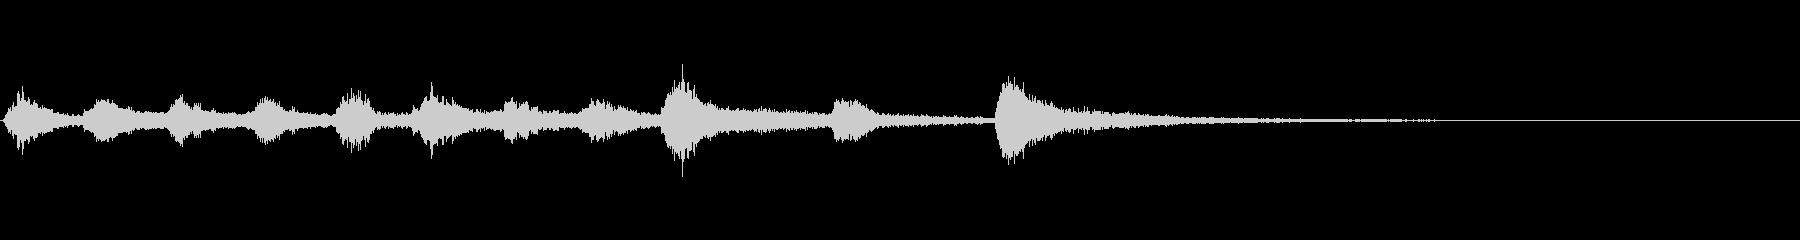 ピッツィカートによるかわいいジングル2の未再生の波形